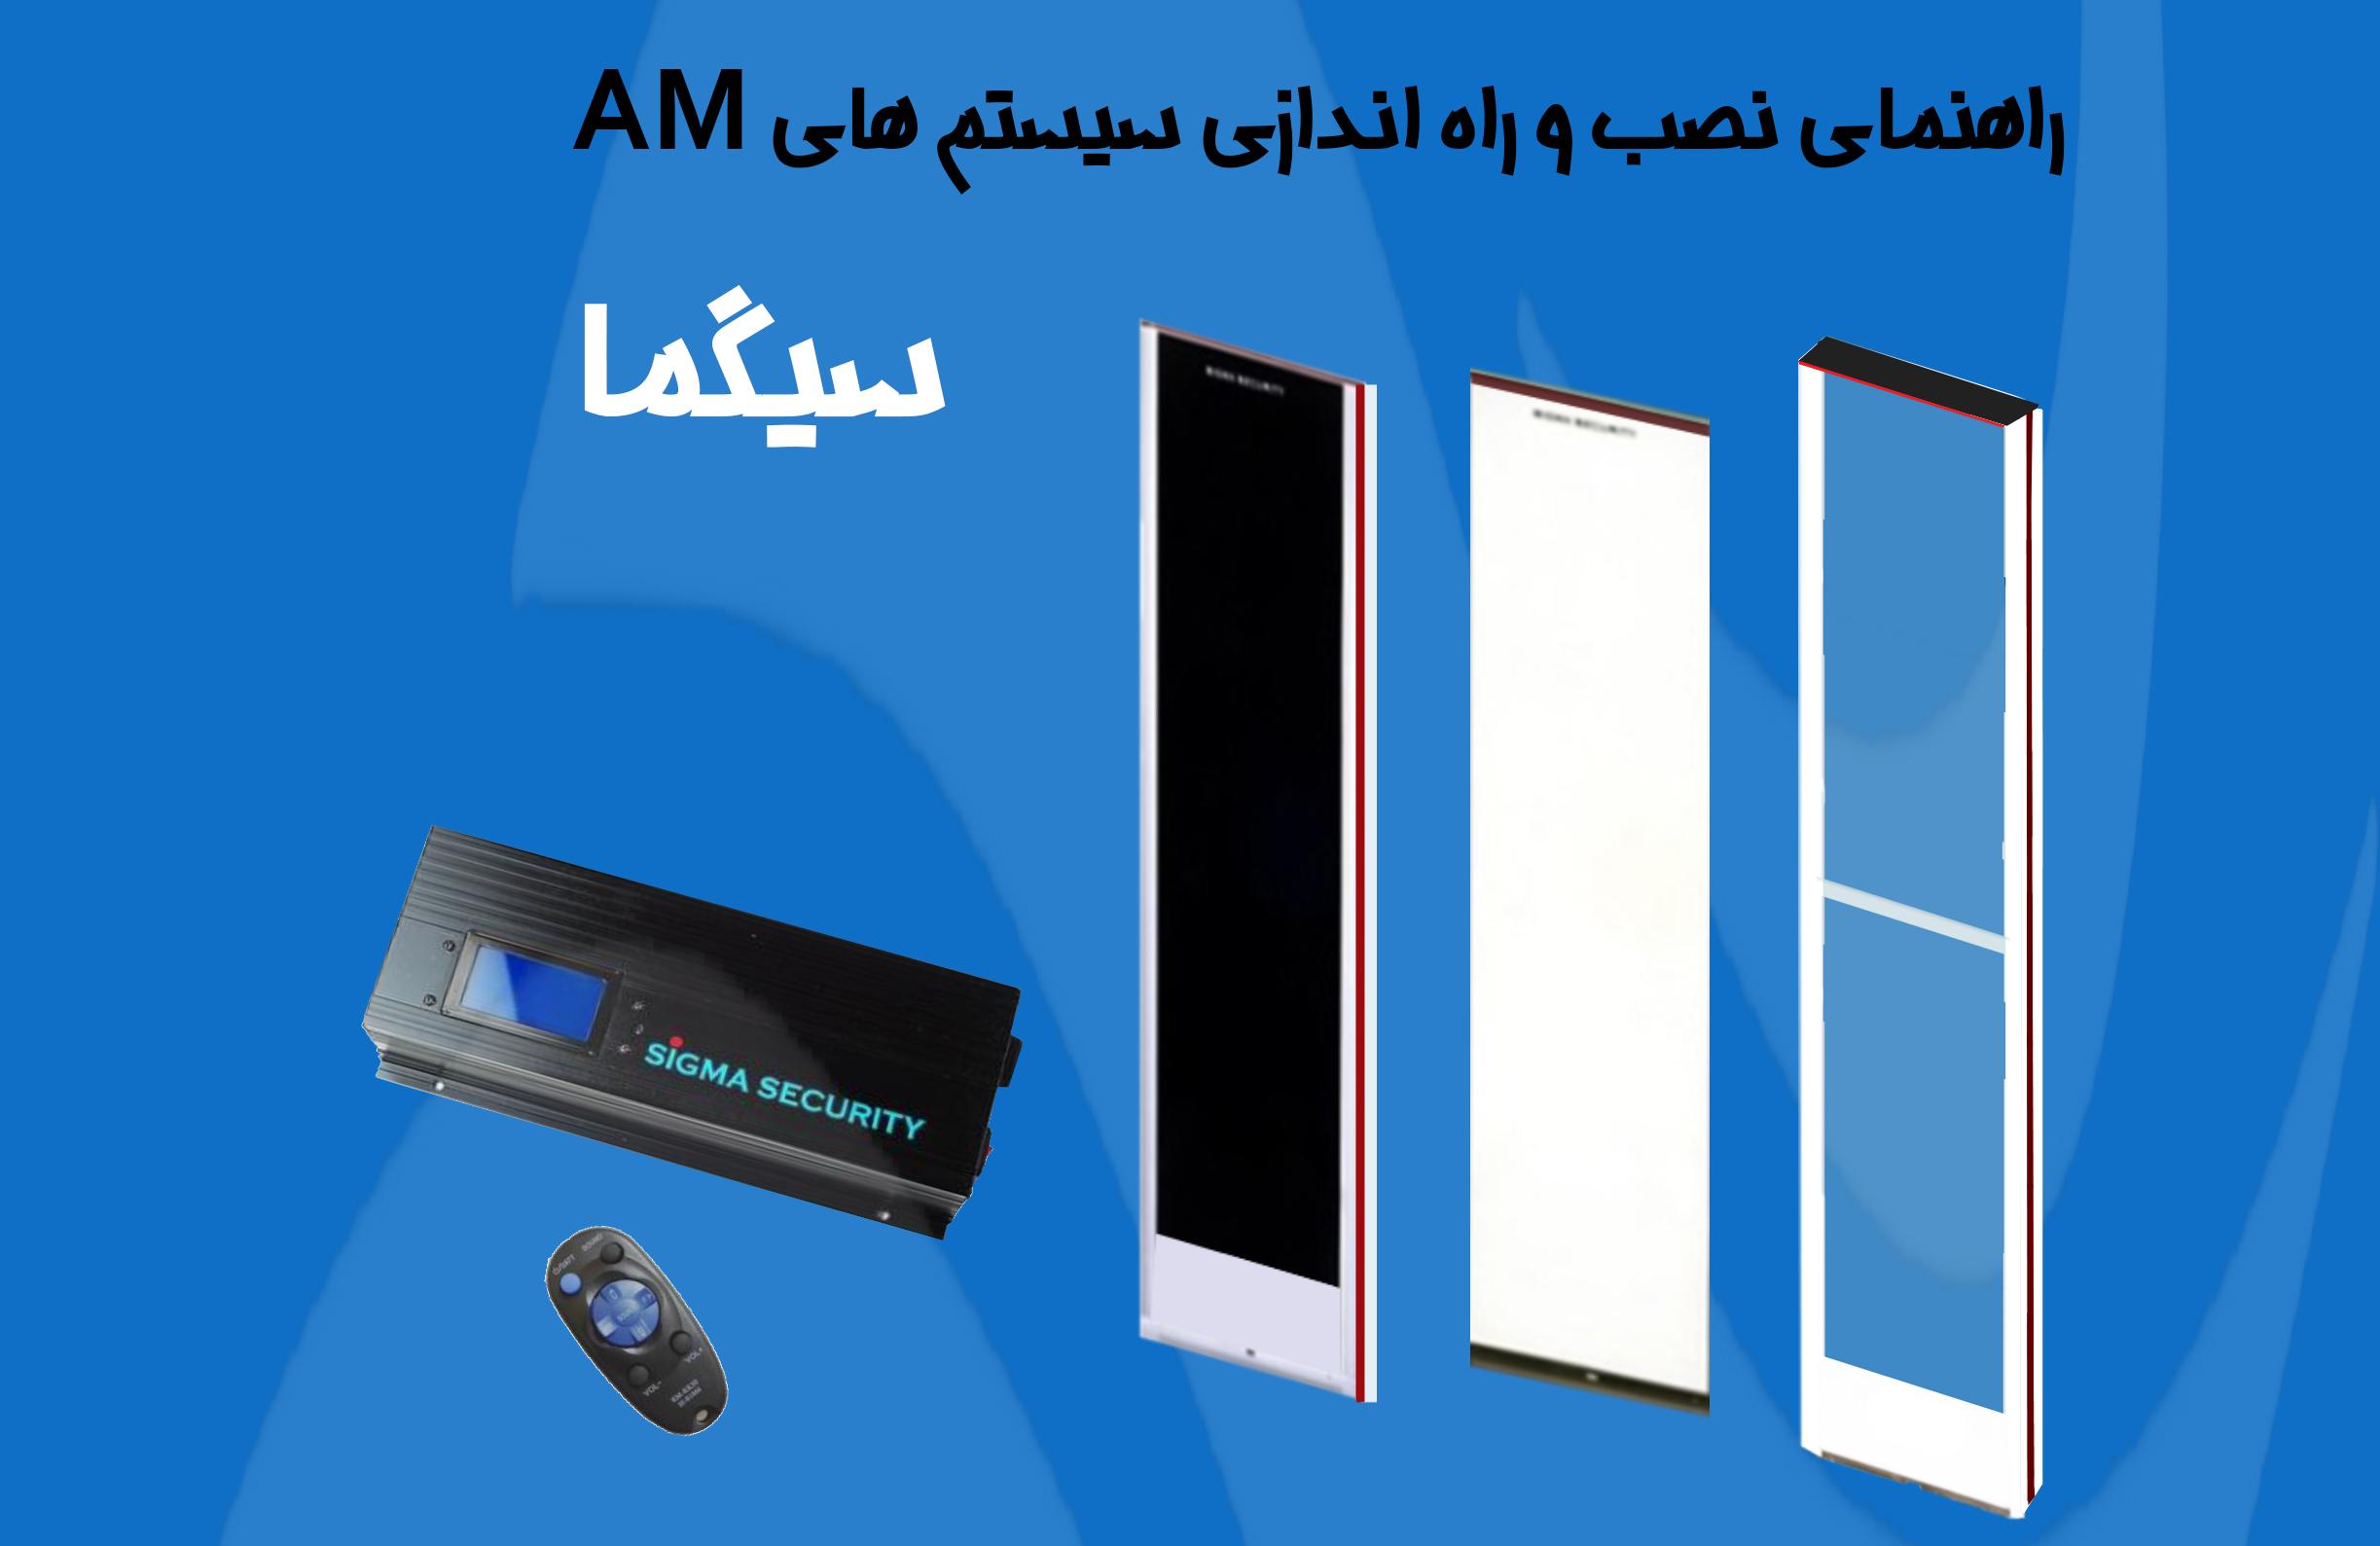 راهنما نصب سیستم AM سیگما